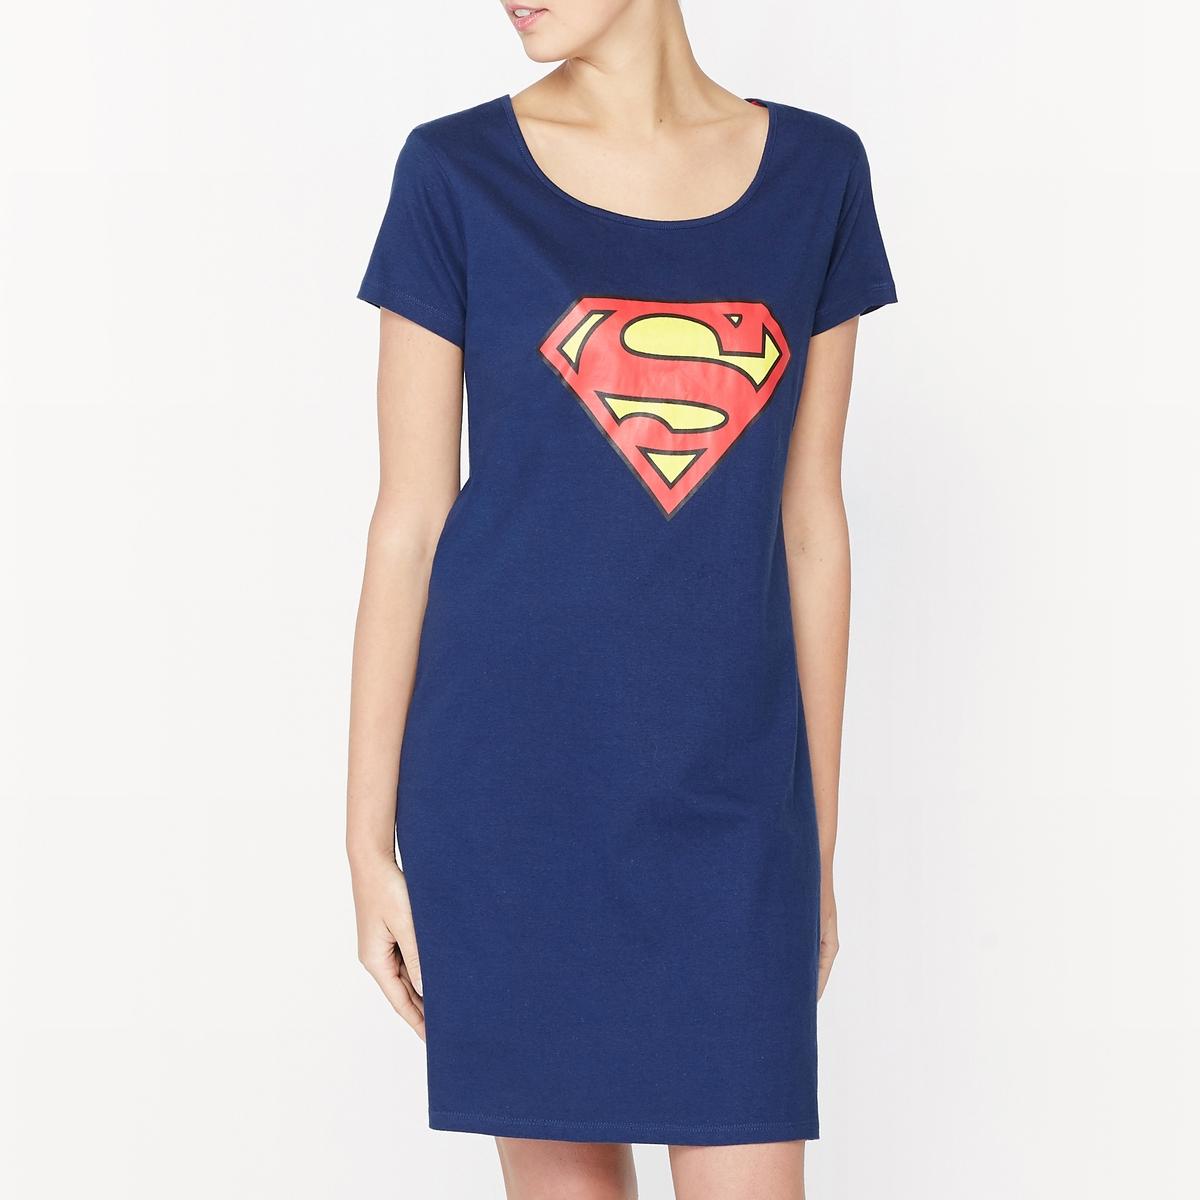 Сорочка ночная хлопковая SupermanХлопковая ночная сорочка Superman . Короткие рукава. Закругленный вырез . Рисунок-логотип  Superman спереди. Состав и описаниеМатериалы : 100% хлопокМарка : SupermanУходМашинная стирка при 30 °C Стирать вместе с одеждой подобных цветовСухая (химическая) чистка запрещенаОтбеливание запрещеноМашинная сушка на умеренном режимеГладить при средней температуре.Рисунок не гладить<br><br>Цвет: синий морской<br>Размер: S